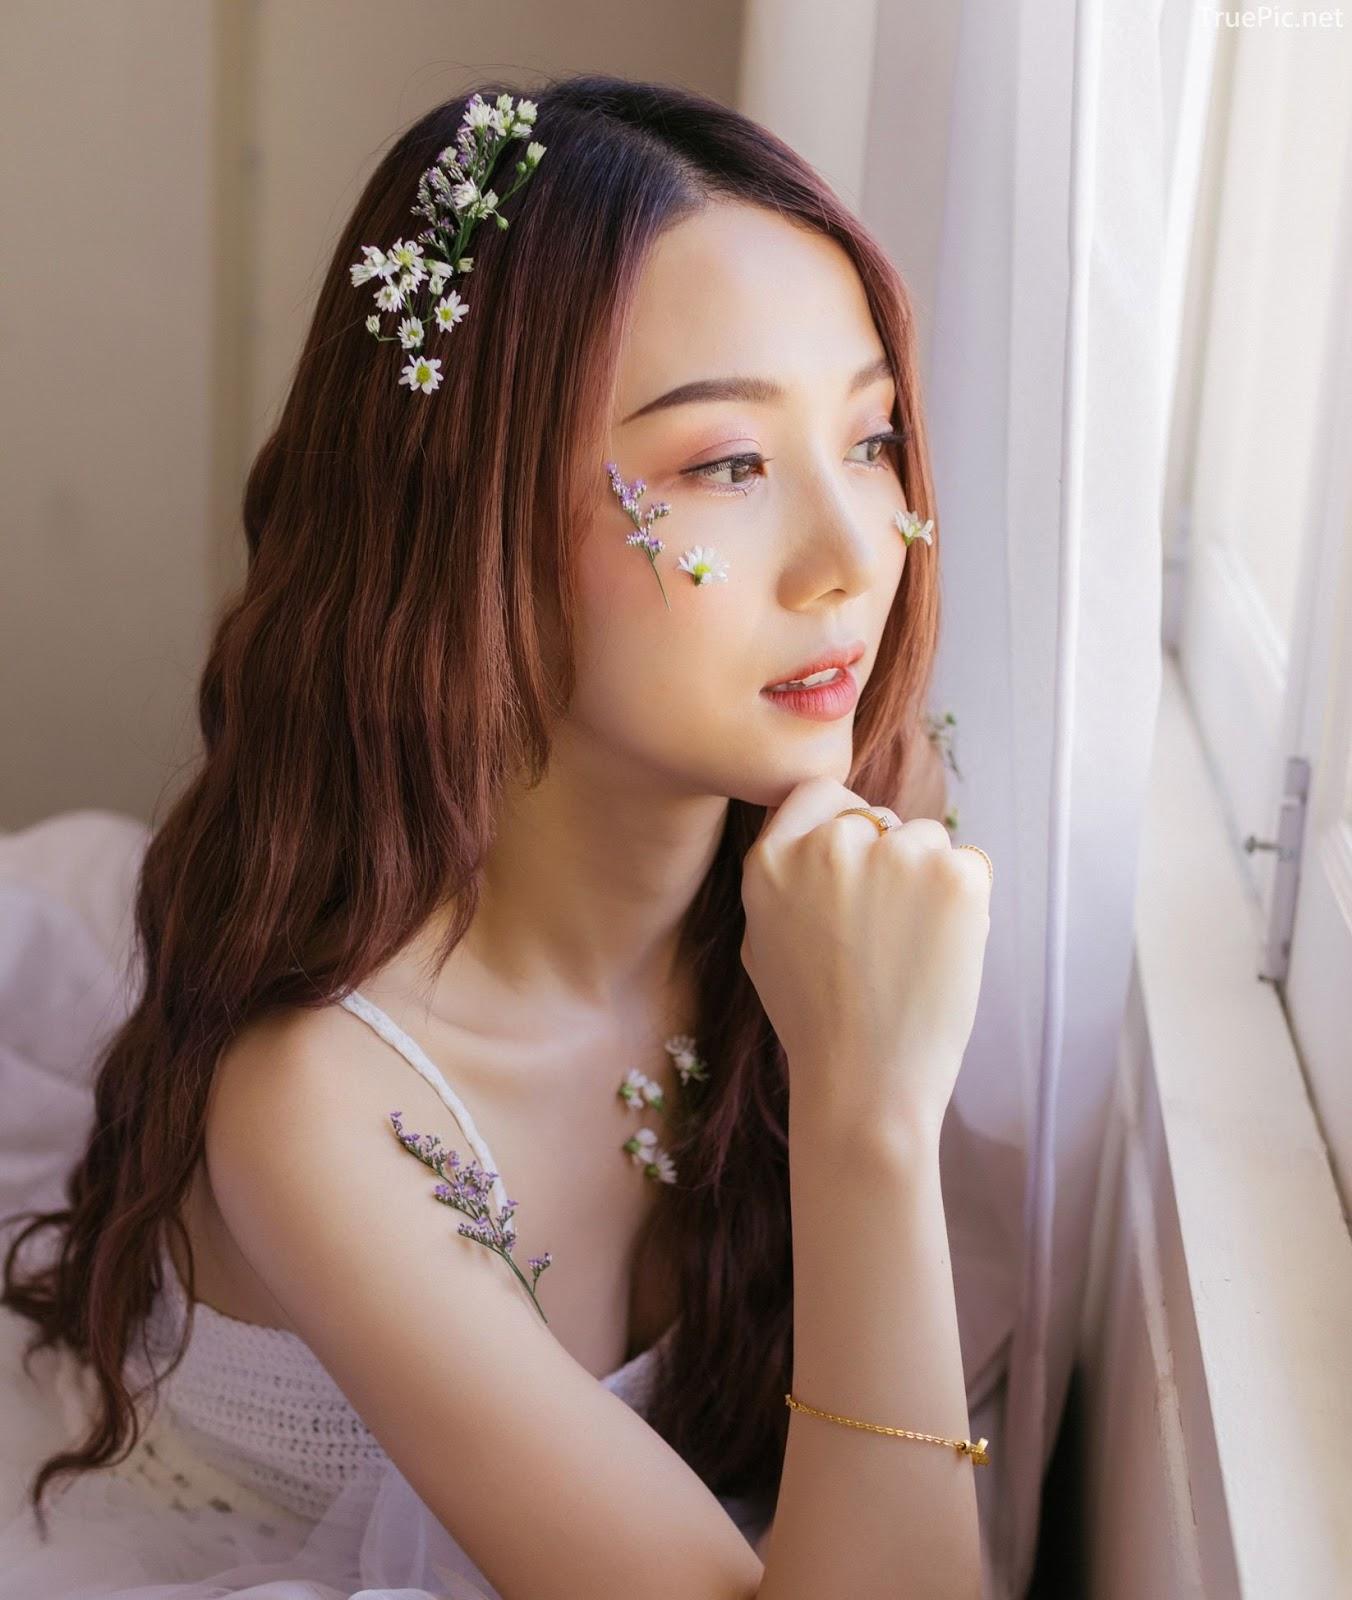 Thailand beautiful model Popor Saechur with photo album Little Princess - Picture 7